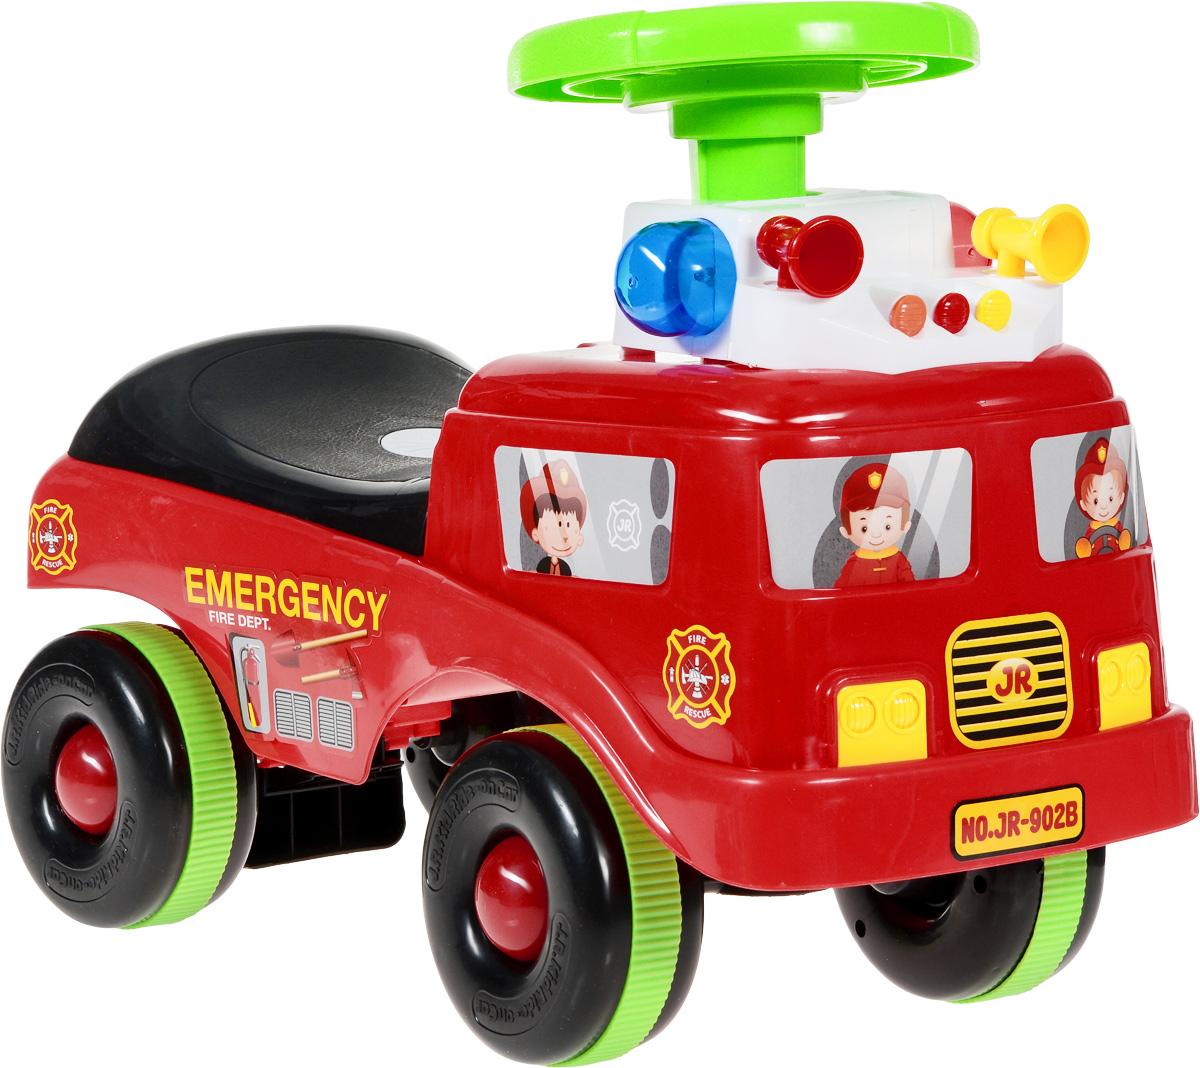 J.R. TOYS Каталка детская Пожарная машинаJR-902DRЯркая каталка детская J.R. TOYS Пожарная машина - настоящая находка для вашего малыша. Выполненная из безопасного пластика красного цвета, устойчивая и прочная каталка будет отличным средством передвижения вашего ребенка. Колеса игрушки прорезинены, что обеспечивает отличное сцепление с любой поверхностью пола. На такой игрушке ваш ребенок сможет с легкостью преодолевать любые препятствия. Для того чтобы покататься, малышу достаточно просто сесть на сиденье и, отталкиваясь ногами, катиться вперед. Каталка детская J.R. TOYS Пожарная машина улучшает координацию движений ребенка, баланс и моторику. На этой замечательной каталке ваш ребенок будет чувствовать себя комфортно и безопасно, а прогулки станут веселее и интереснее. Каталка обладает световыми и звуковыми эффектами для большей увлеченности малыша. Необходимо купить 2 батарейки типа АА (не входят в комплект).